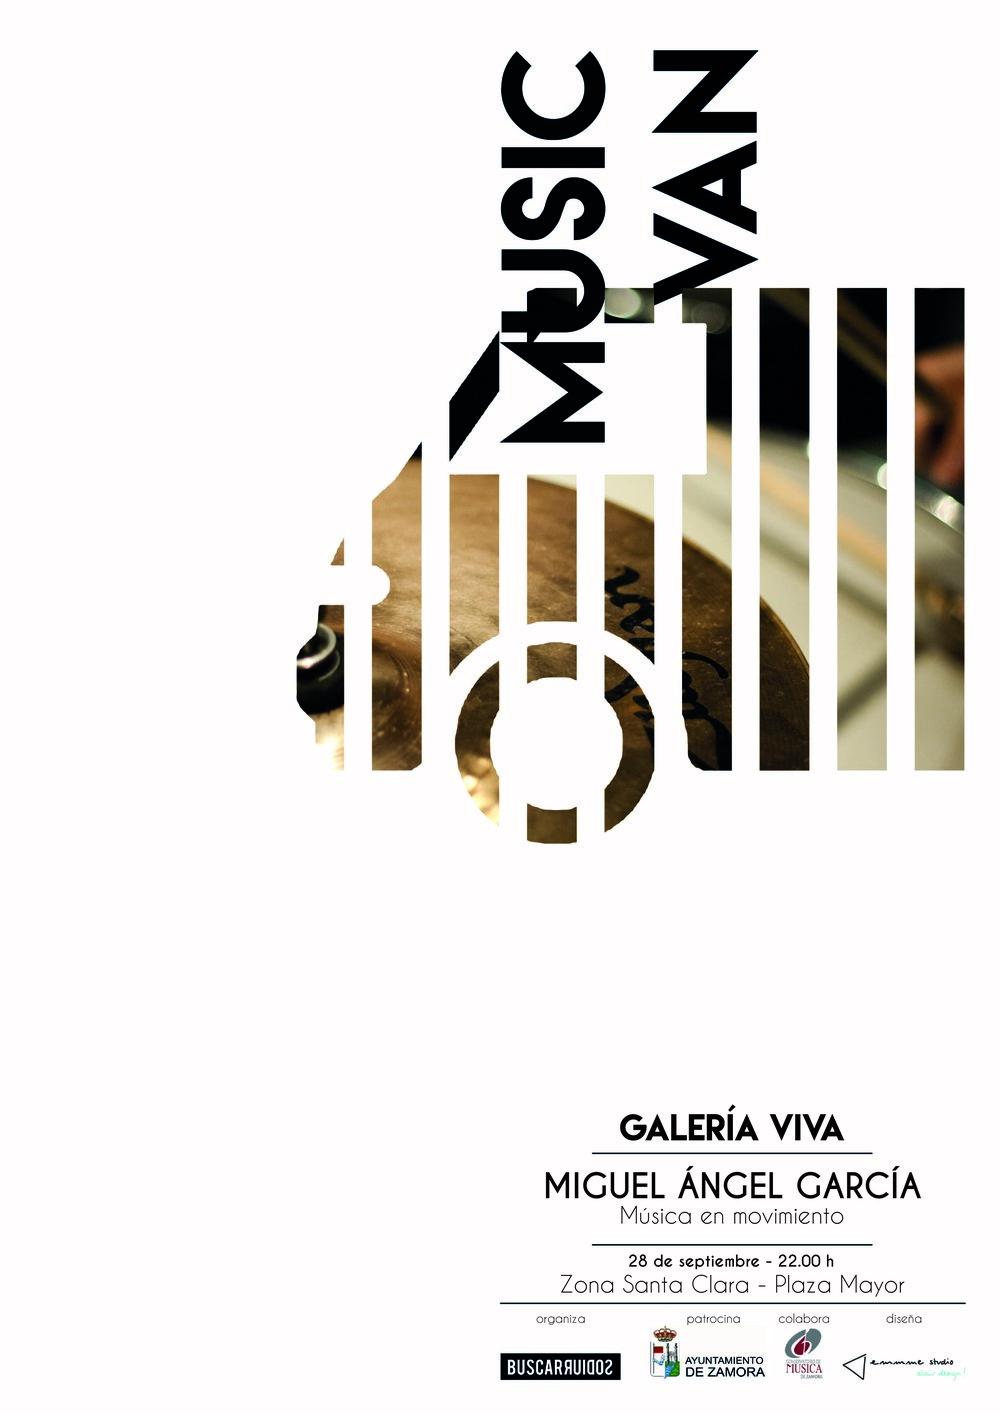 Galería Viva Zamora 2016 - cartel Music Van 03 - Miguel Ángel García.jpg